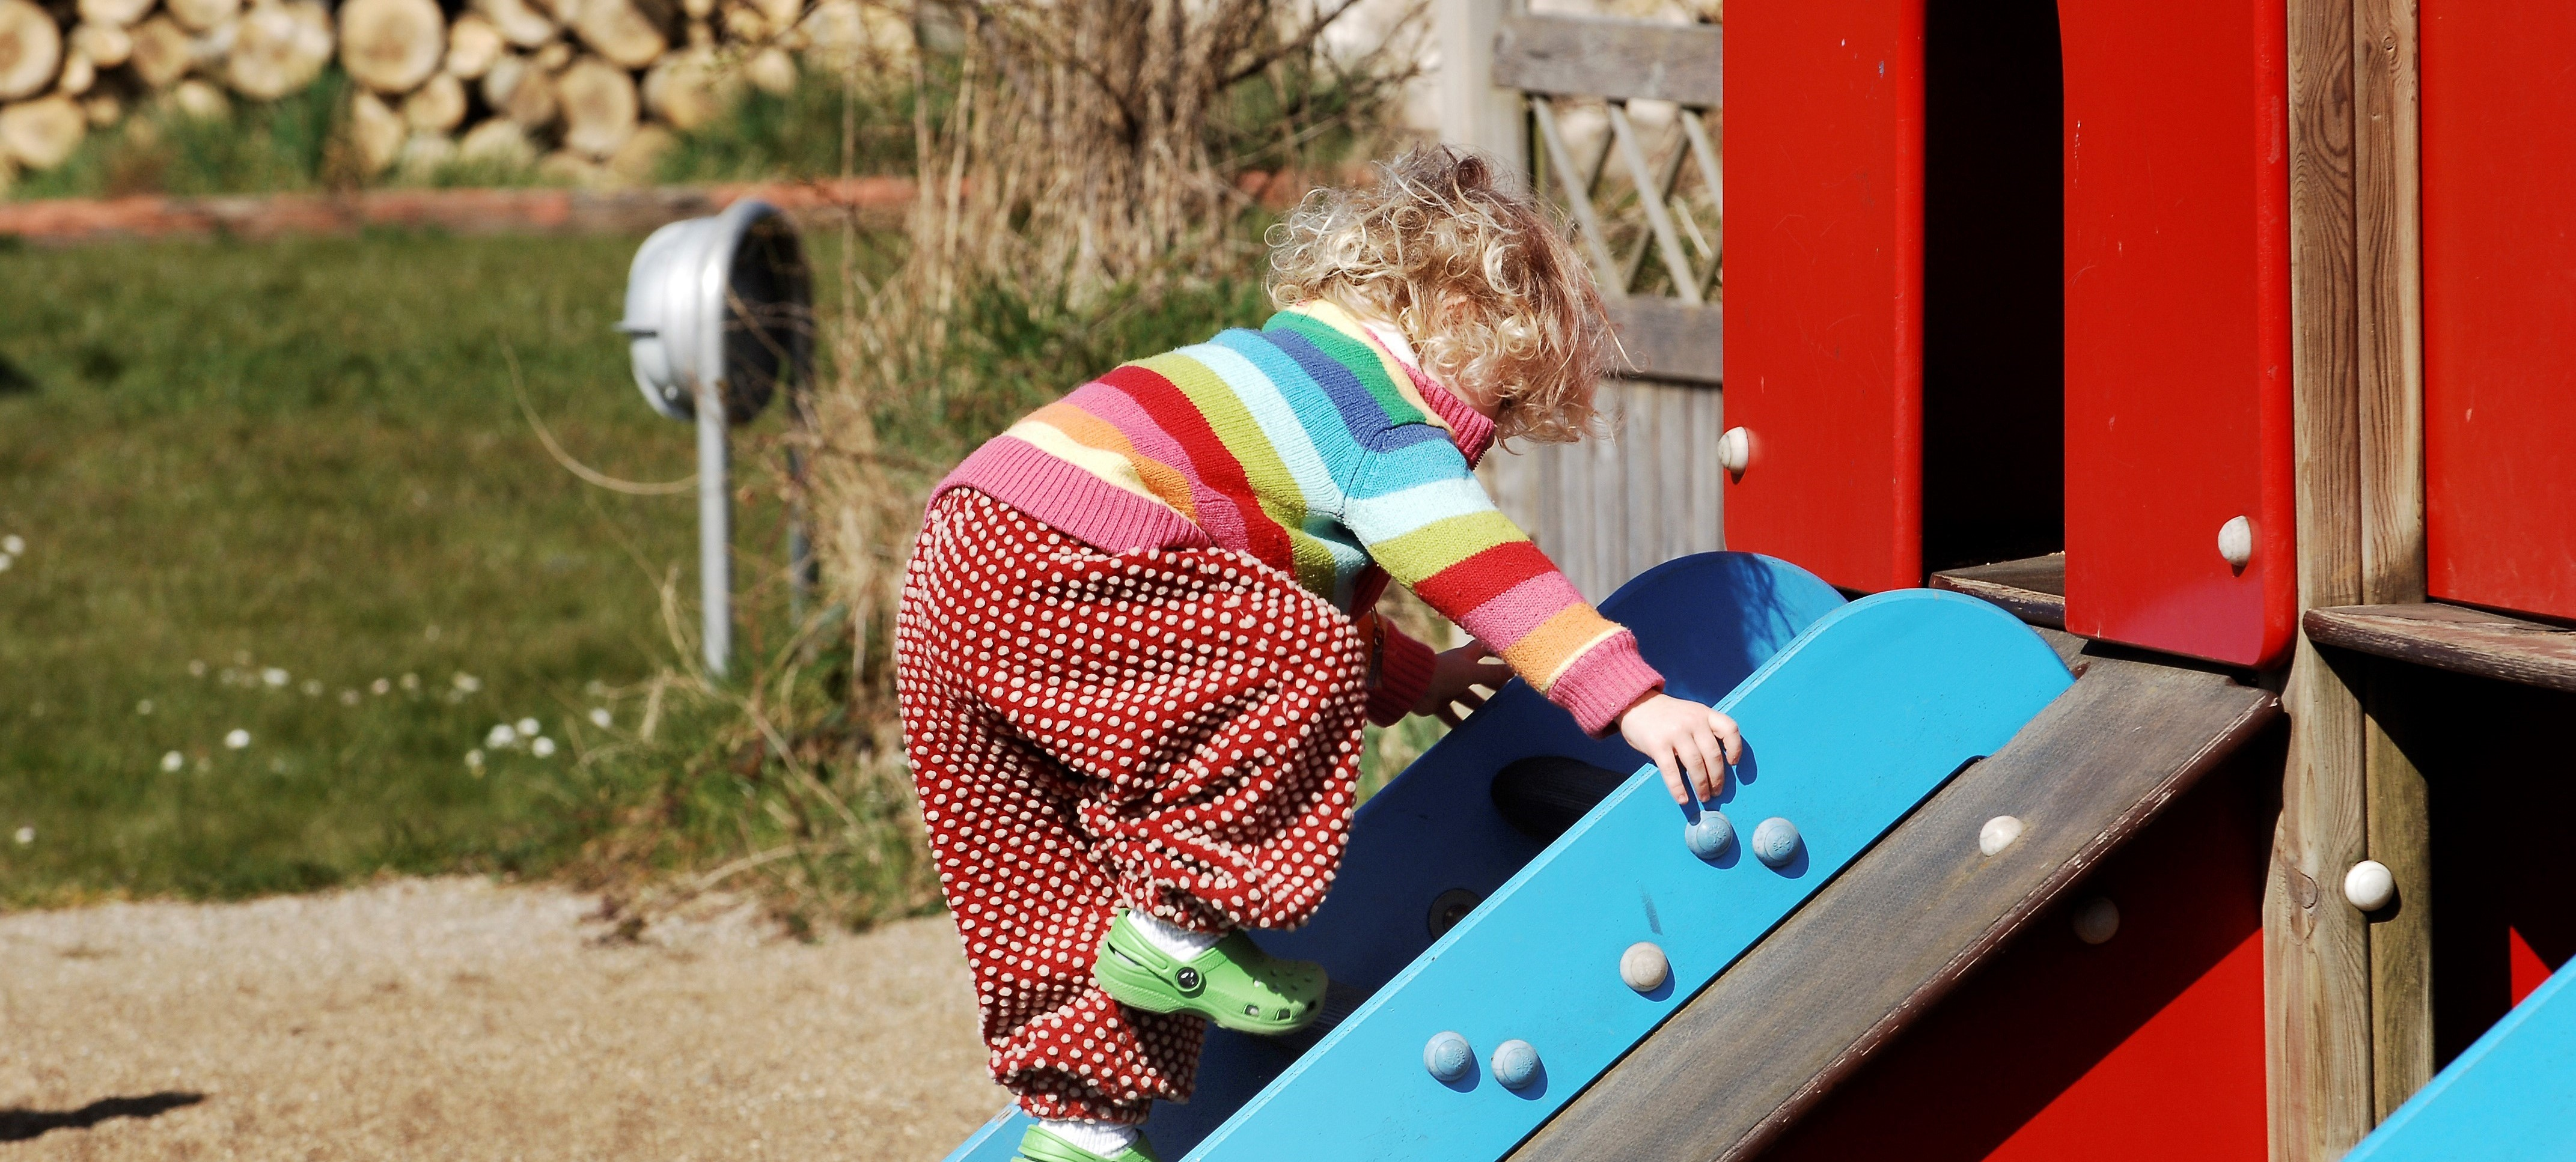 Bilde av jente som leker